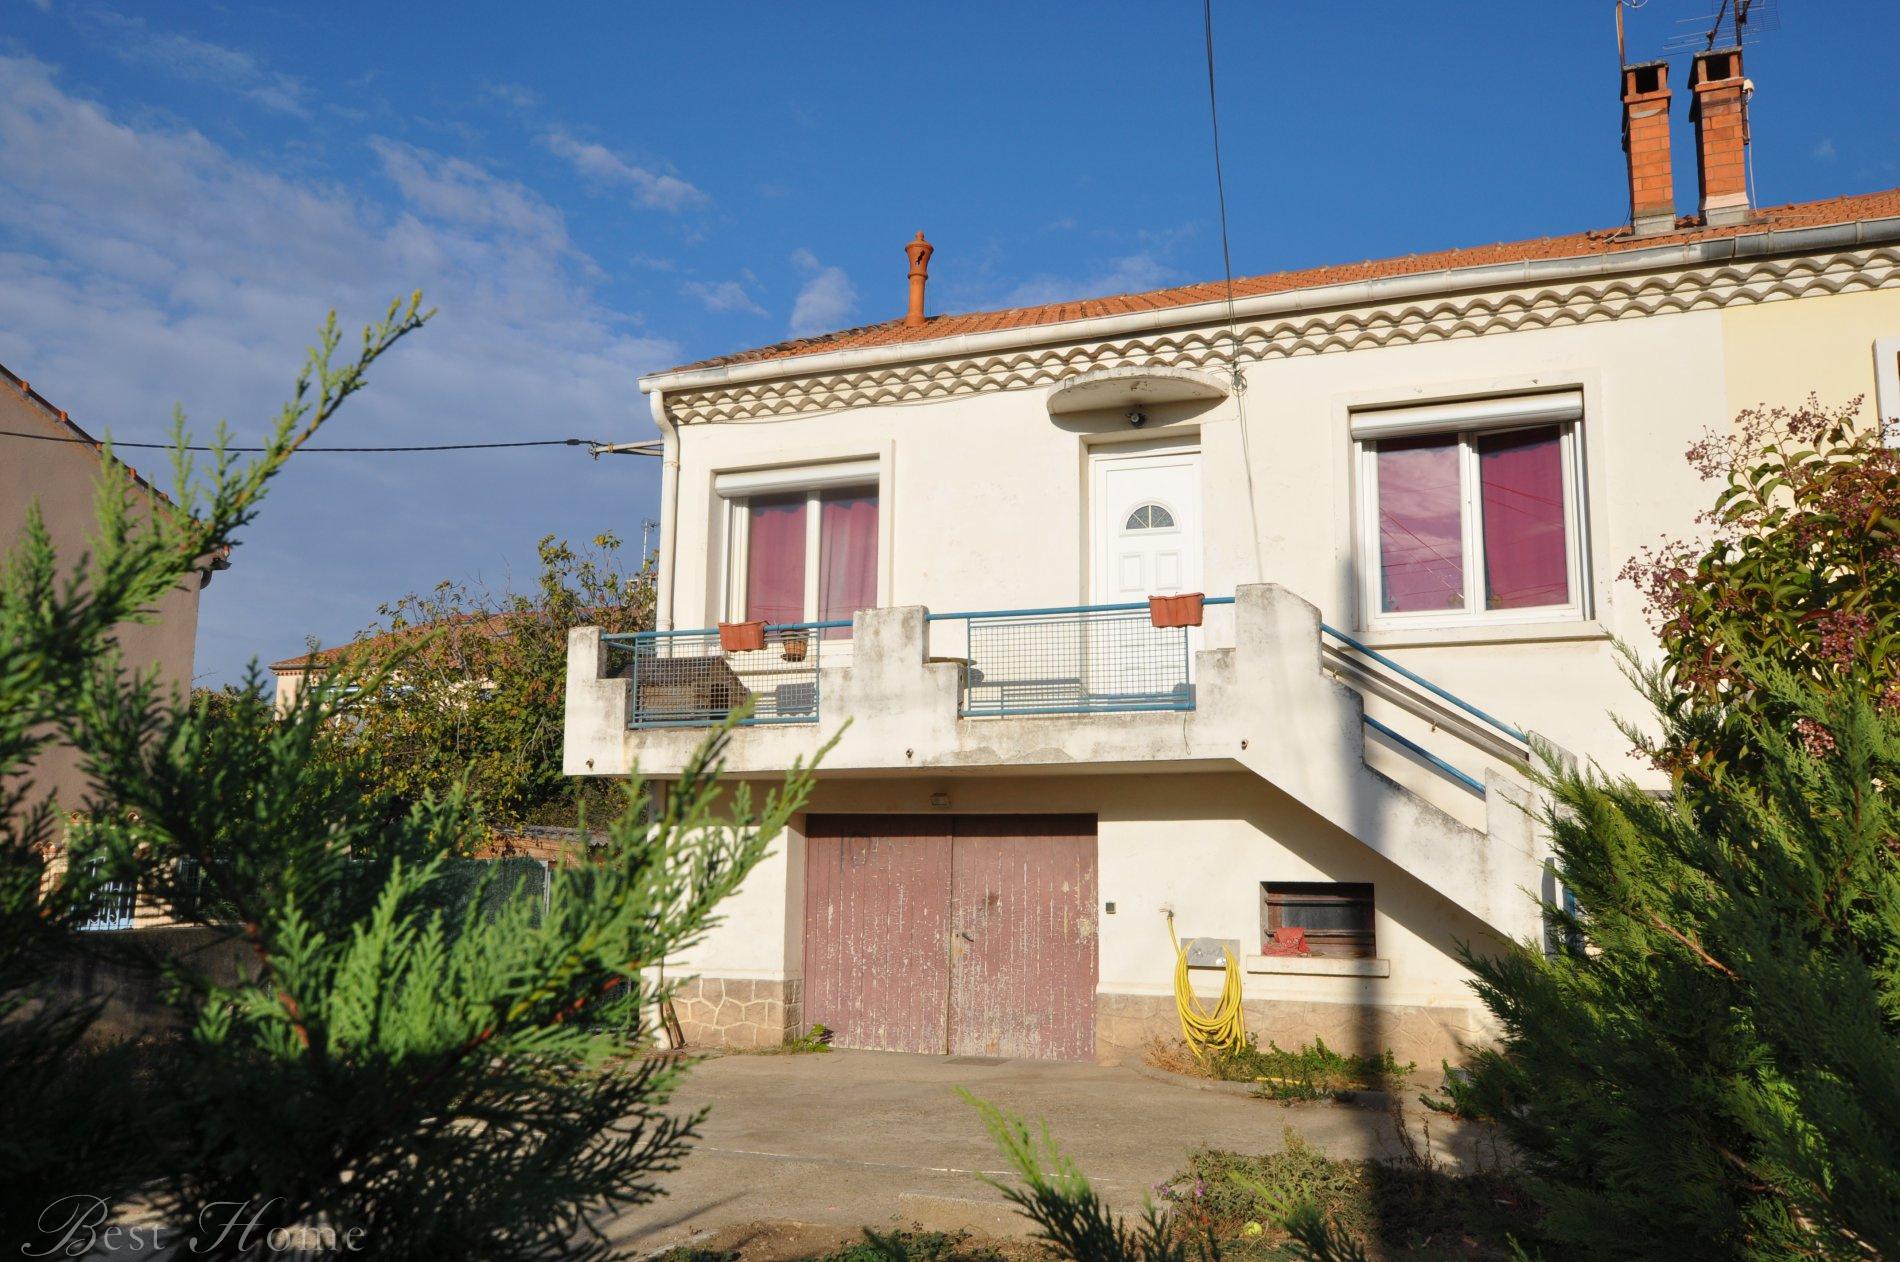 Vente urgent maison de ville nimes beausoleil vendre for Garage ad nimes